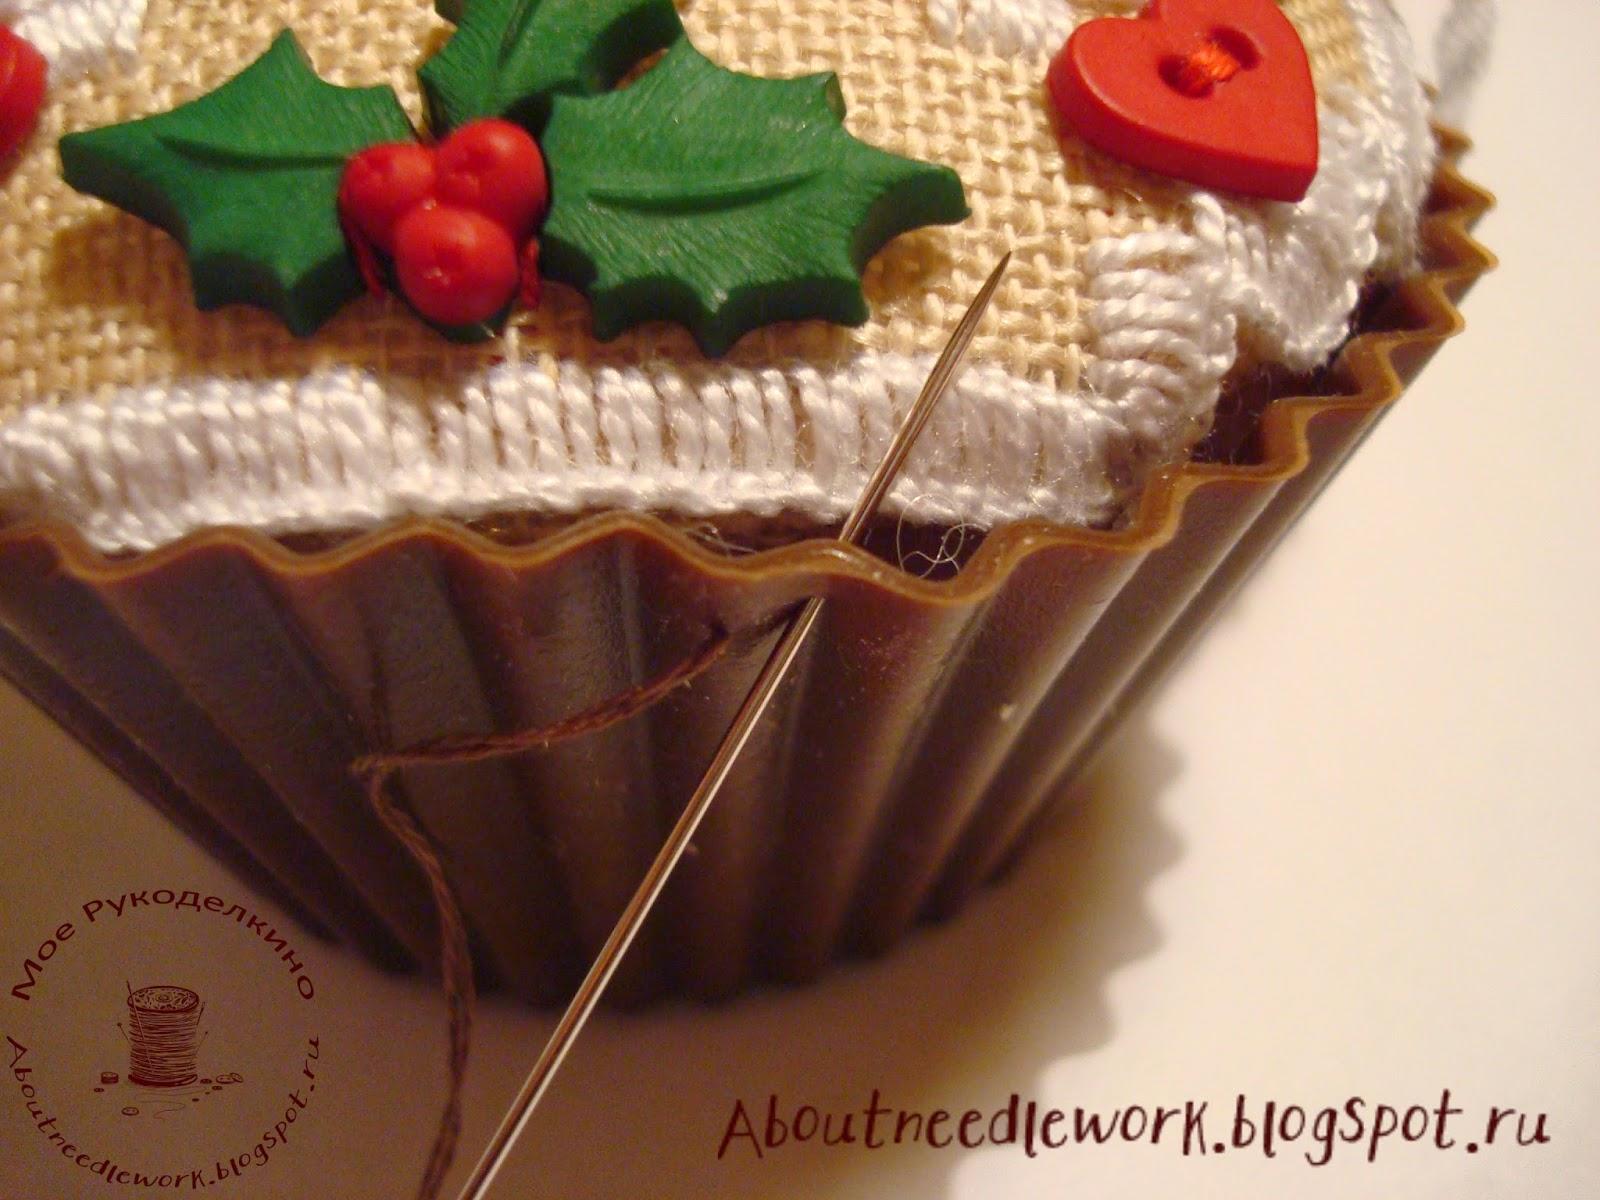 Вышивка кексов по схеме The Victoria Sampler